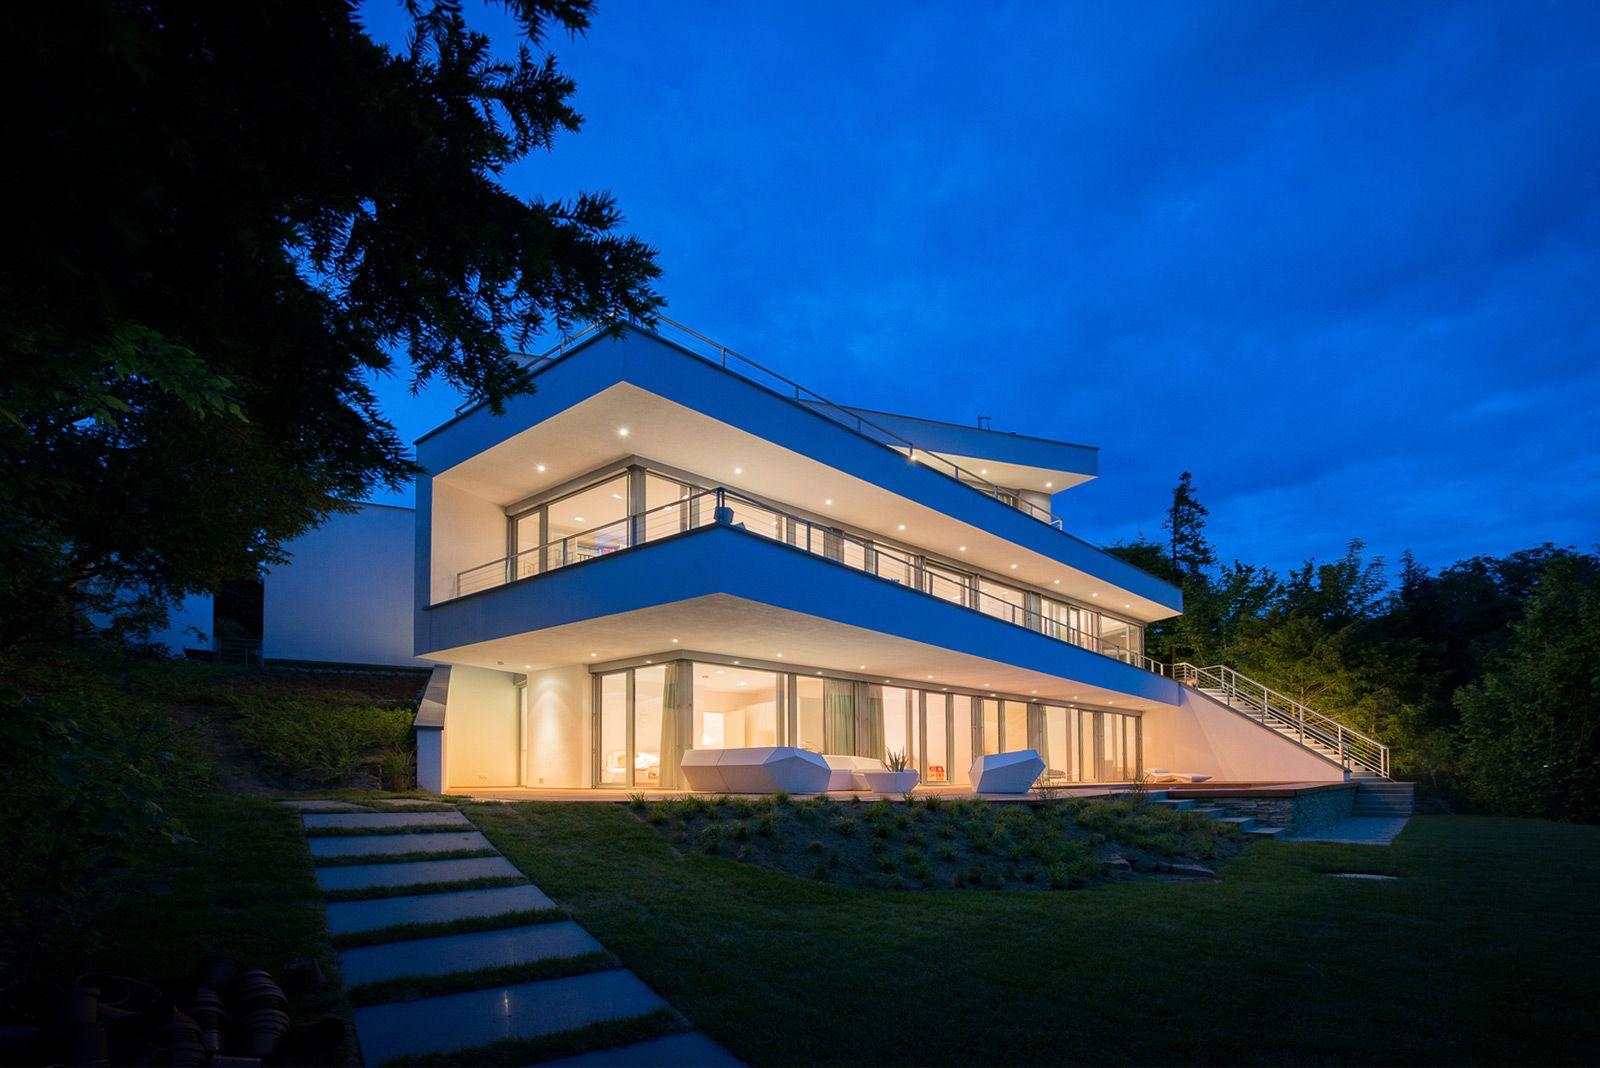 Ein Modernes Architektenhaus In Pforzheim Am Hang. Individuelle Planung Und  Realisierung Durch Flow.studio   Zum Festpreis Bauen In Moderner Architektur .